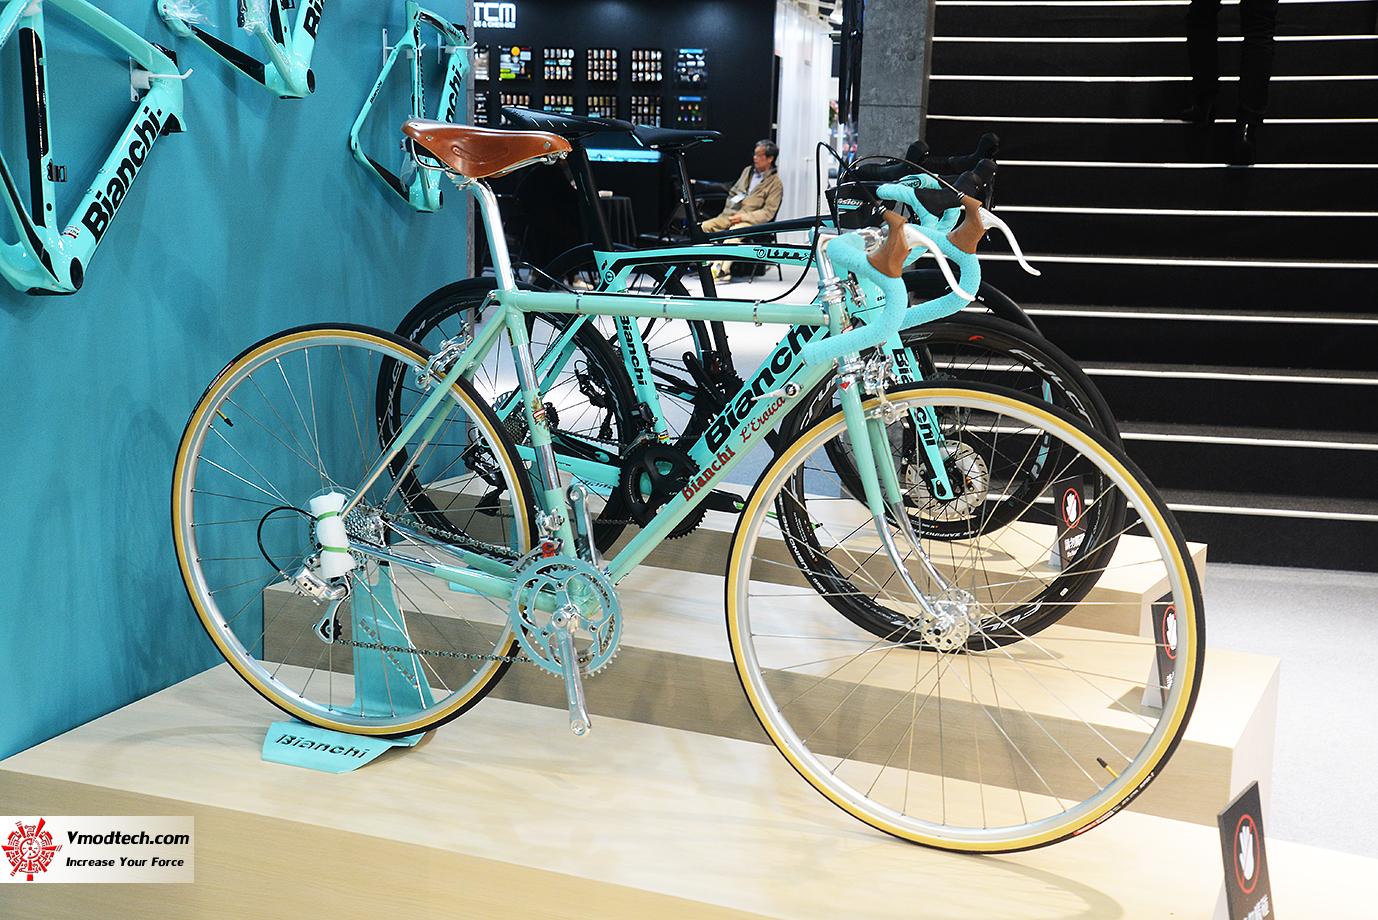 dsc 9231 เยี่ยมชมงาน TAIPEI CYCLE 2019 งานของคนรักจักรยาน ณ กรุงไทเป ประเทศไต้หวัน